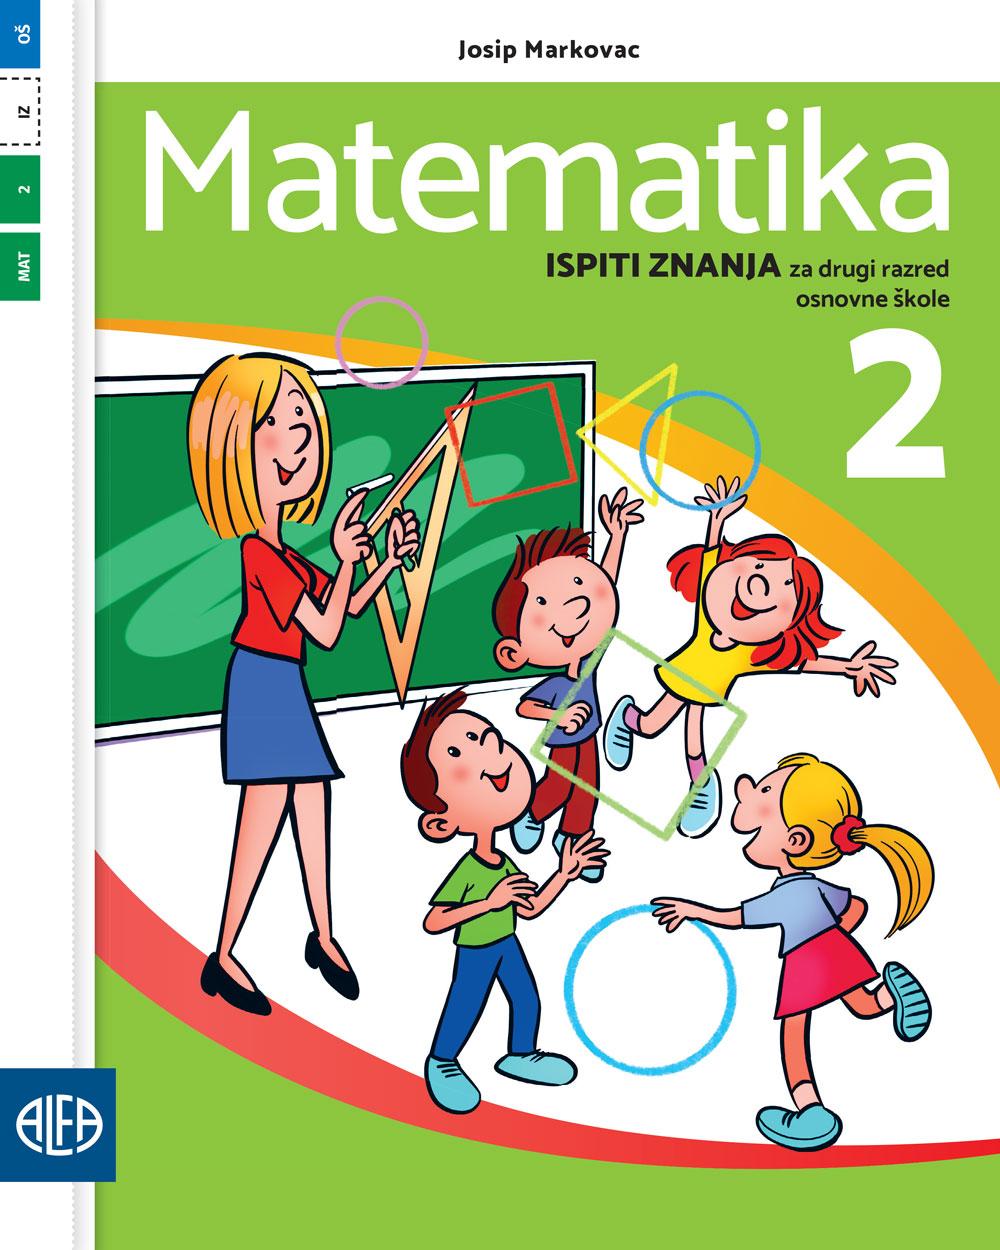 Ispiti znanja iz matematike za drugi razred osnovne škole